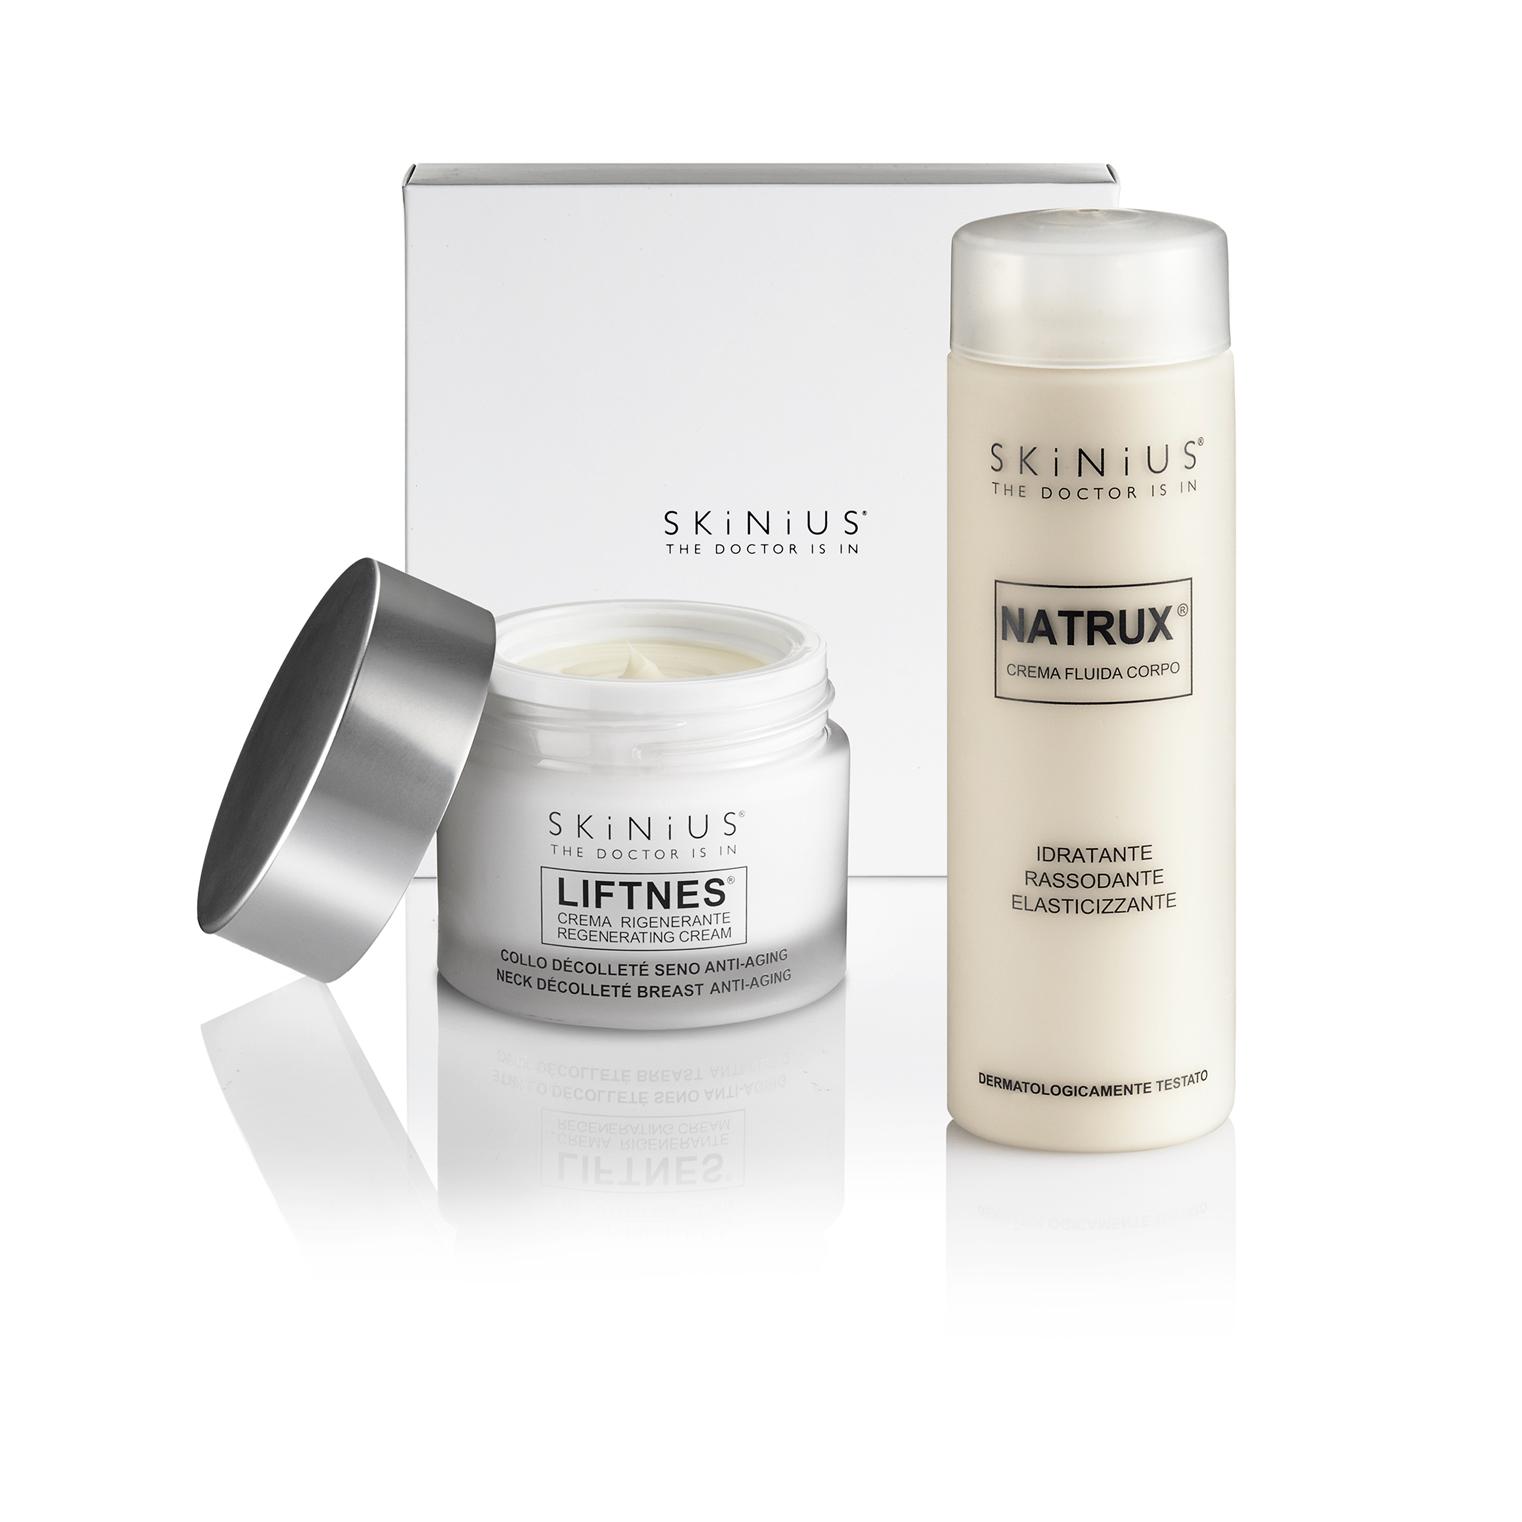 La crema antismagliature per il corpo e per il seno di Skinius aiutano a prevenire lassità cutanee e inestetismi come le smagliture